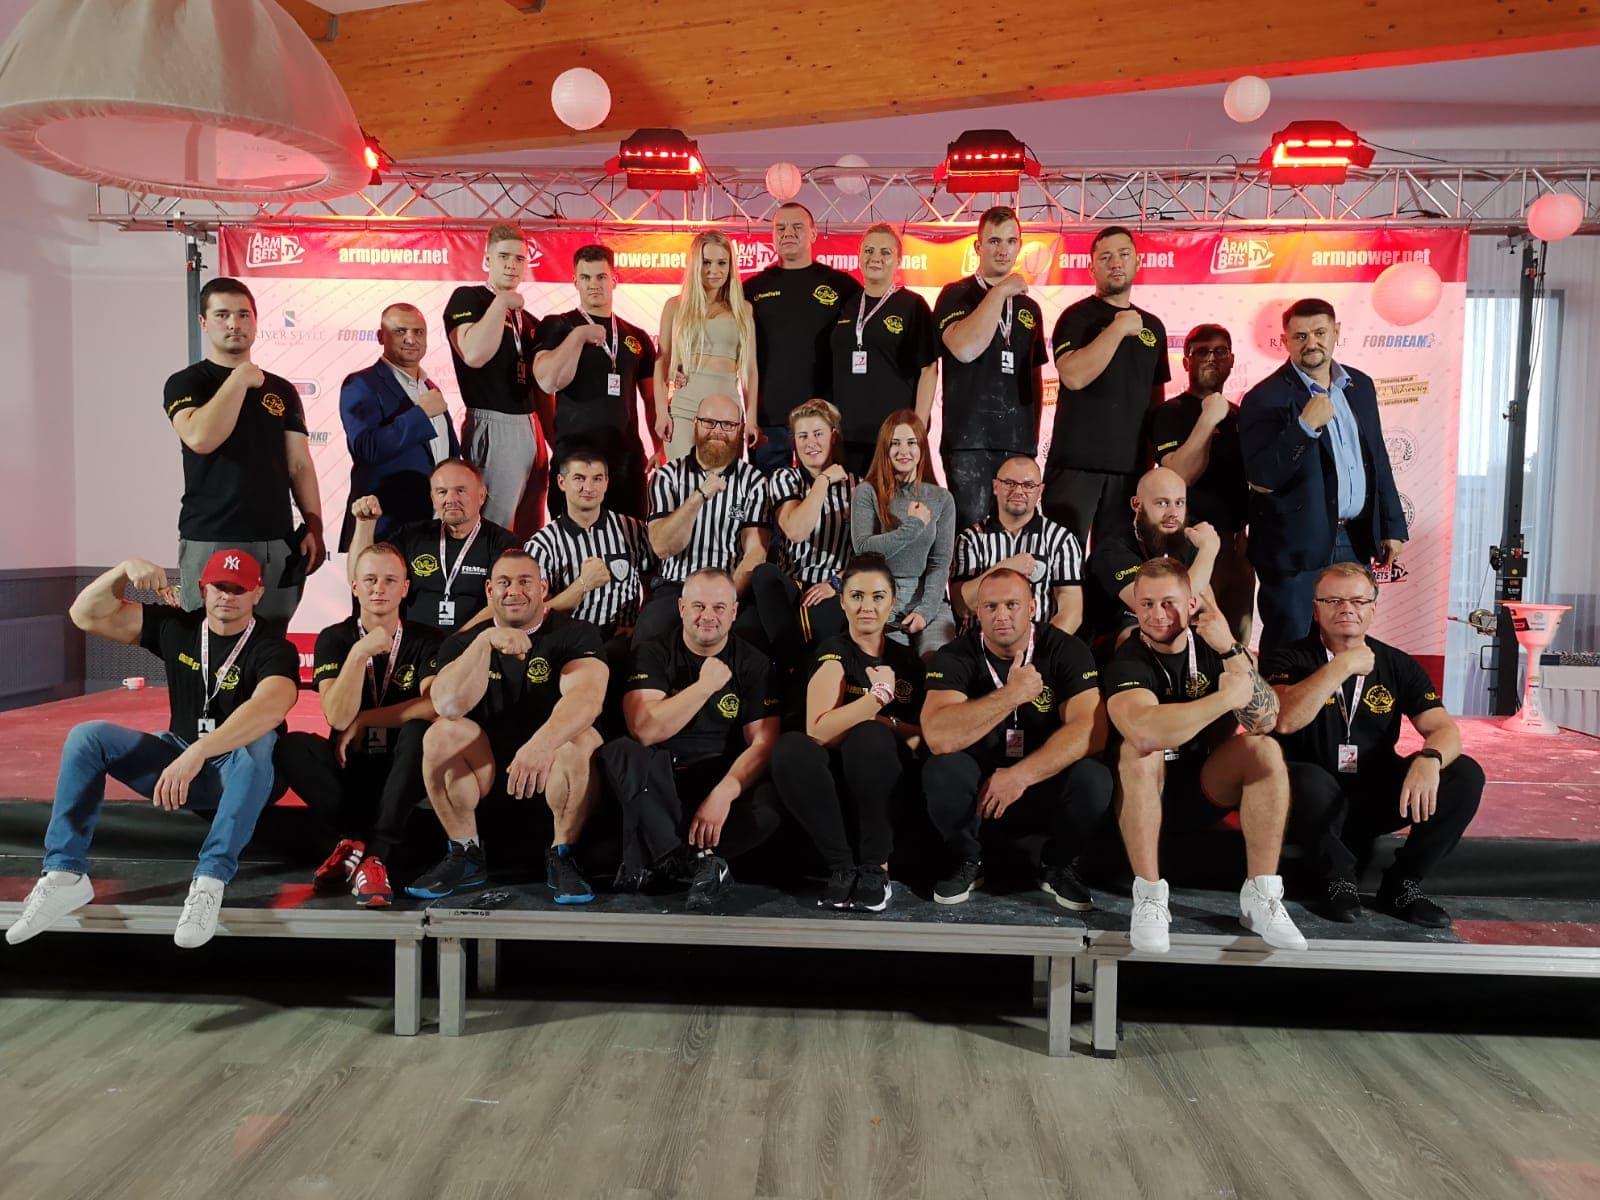 """Zdjęcie drużynowe UKS Złoty Tur Gdynia """"XX Puchar Polski w Armwrestlingu - Reda 2019"""", zdj. Złoty Tur"""